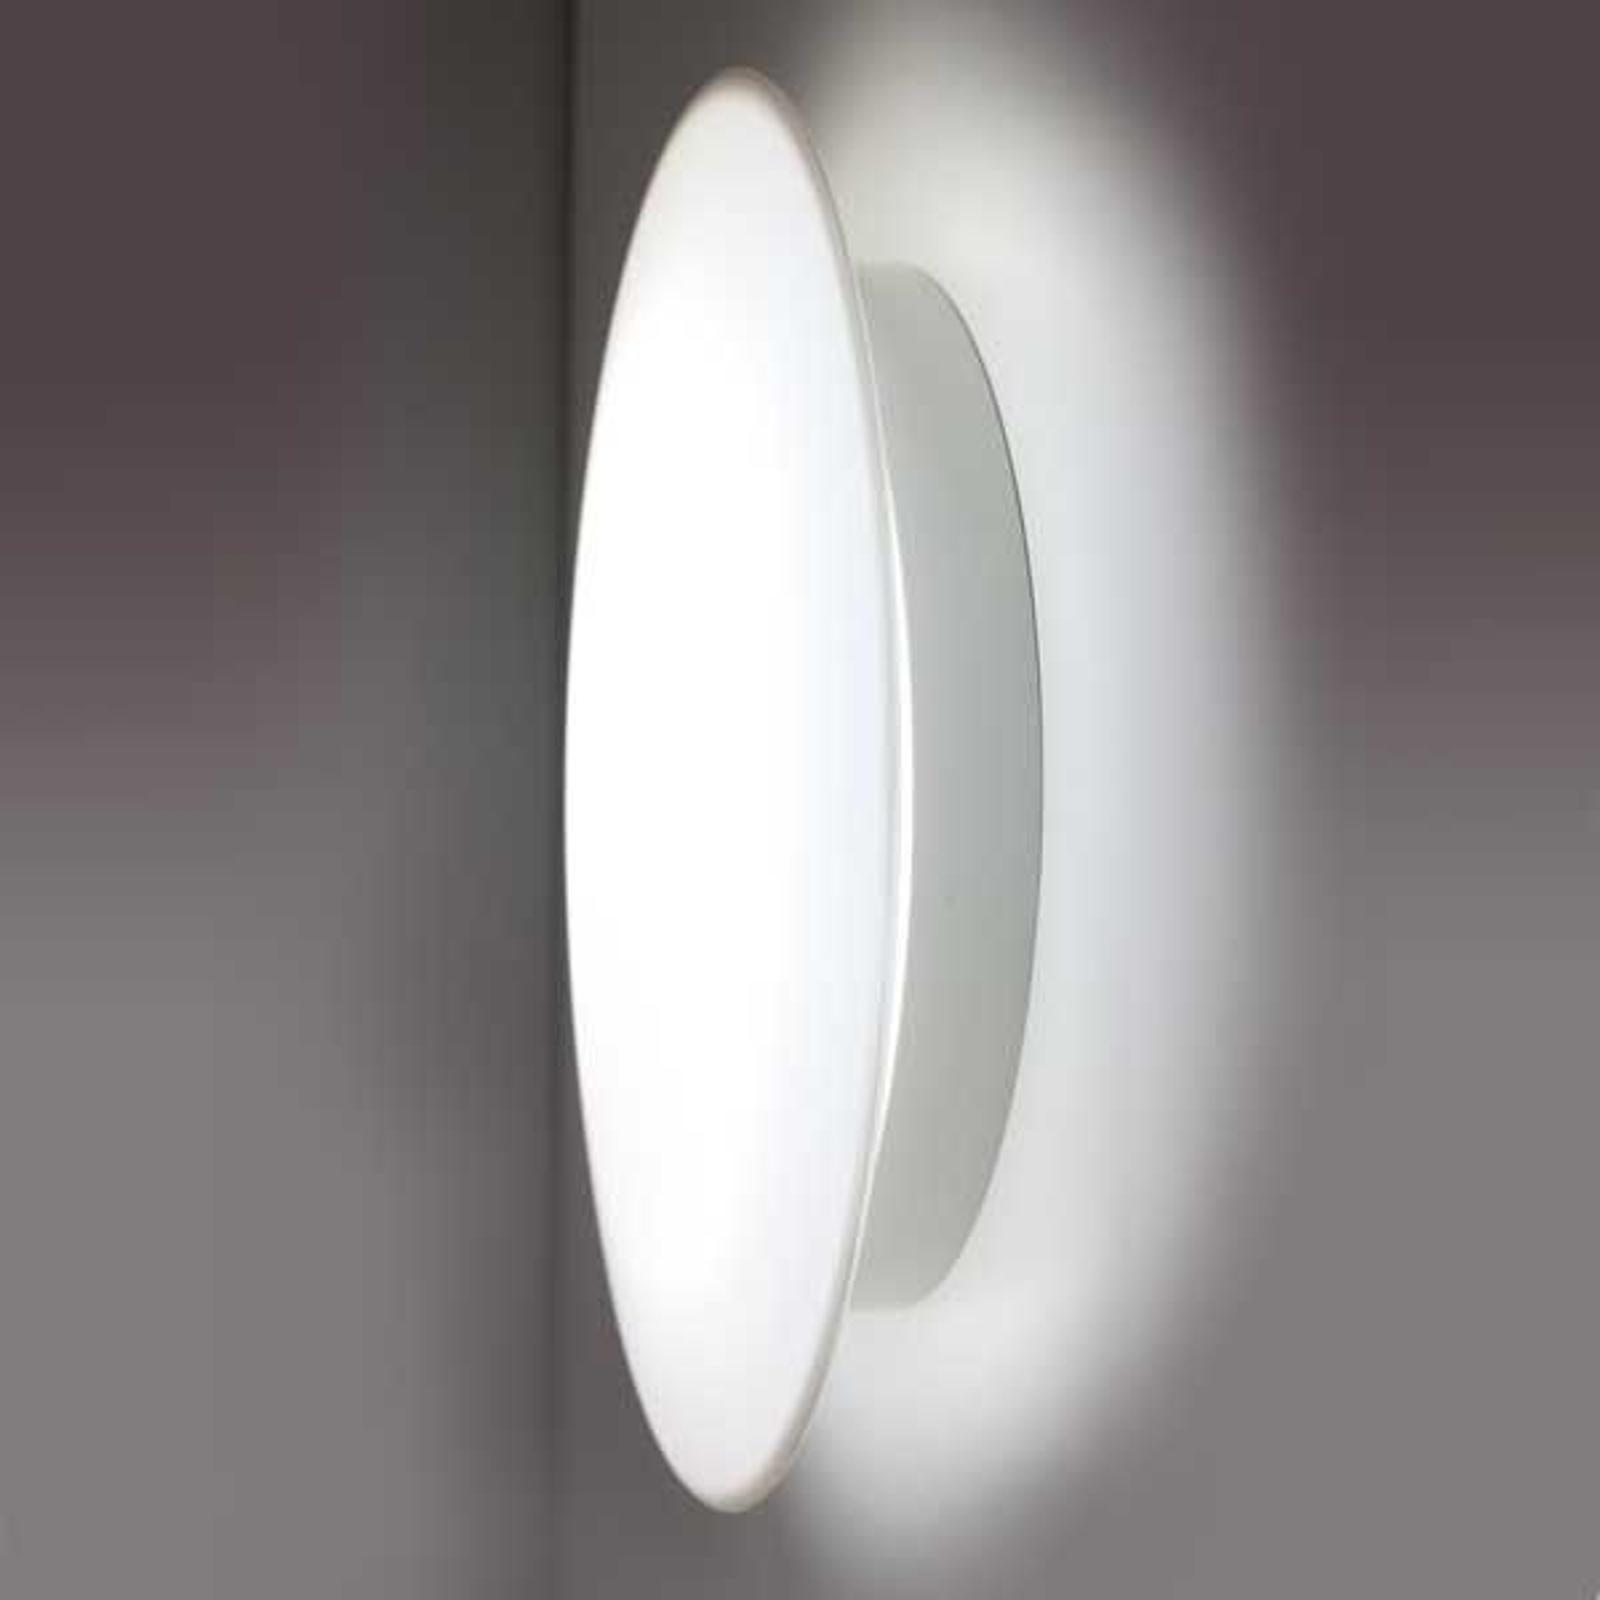 SUN 3 - la lampada LED del futuro, 8W 4K